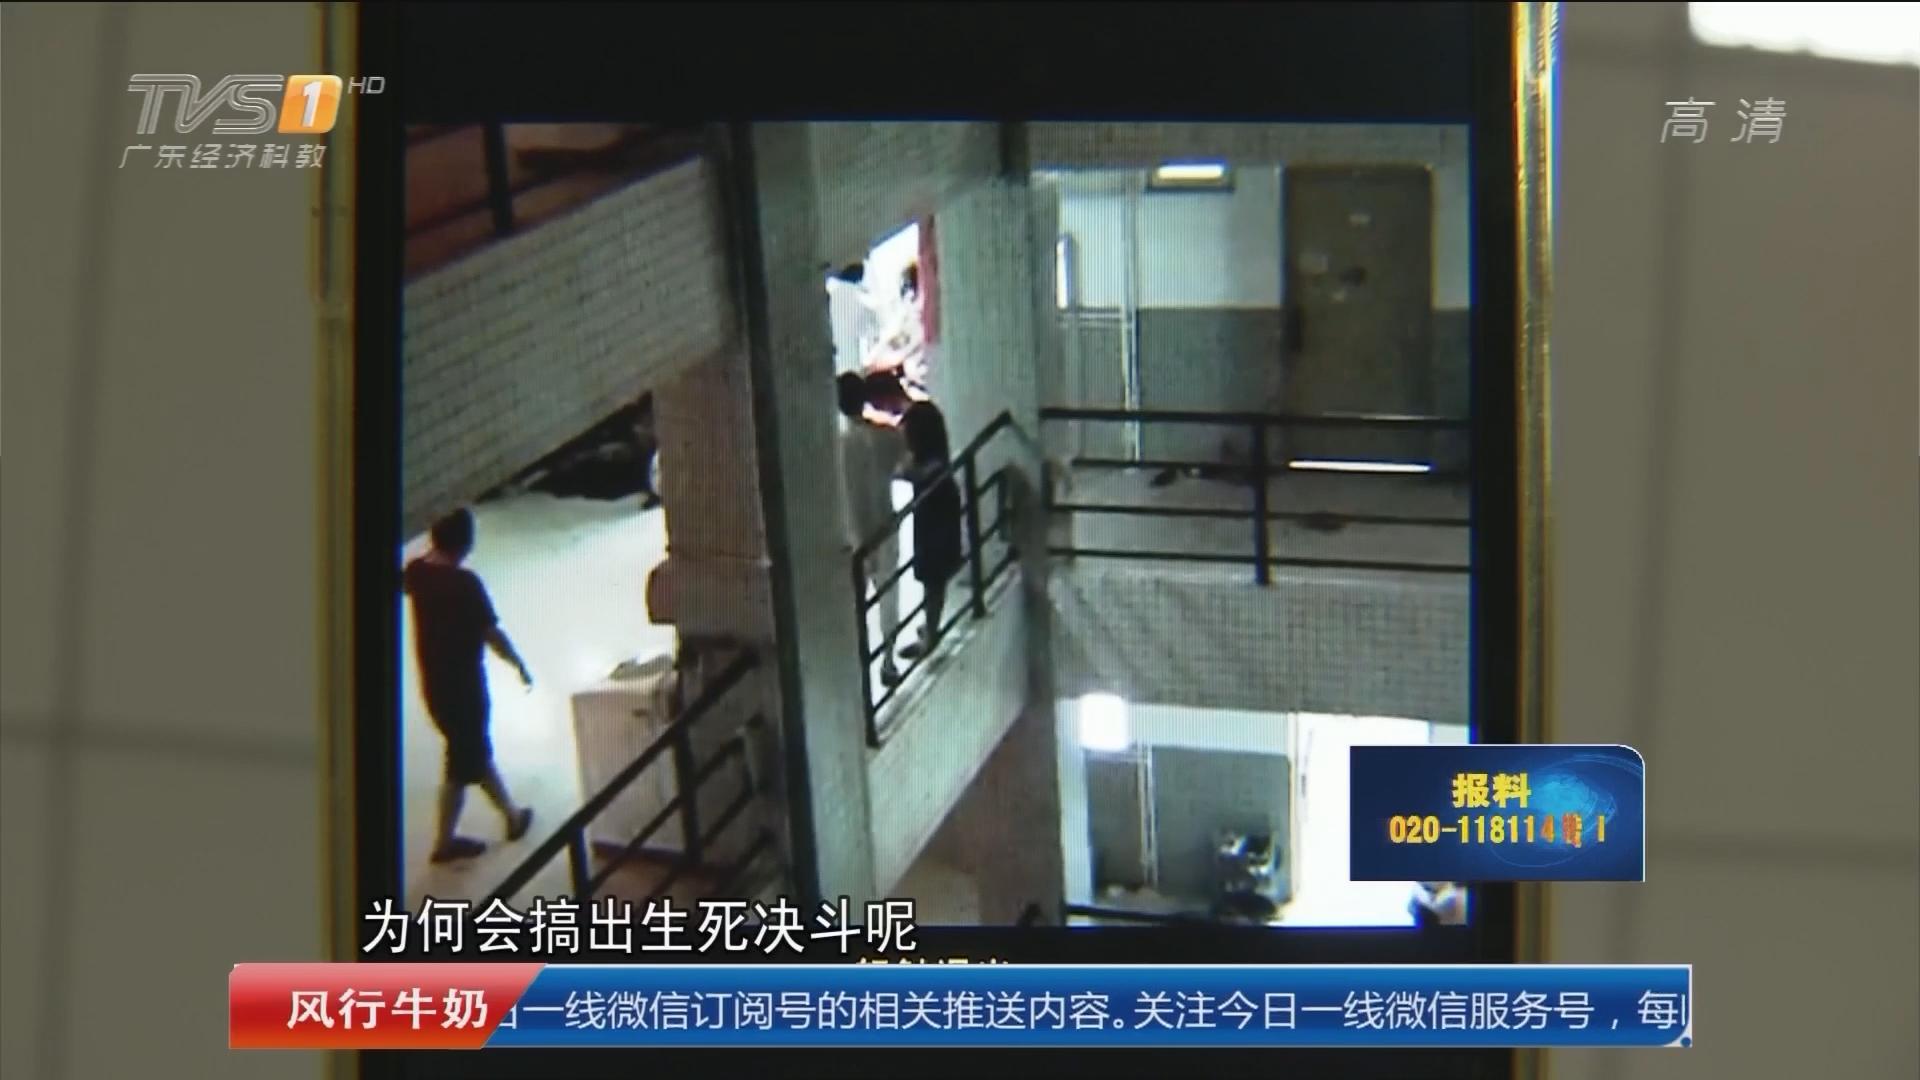 广东财经大学:硕士生被同学刺死 疑凶被刑拘